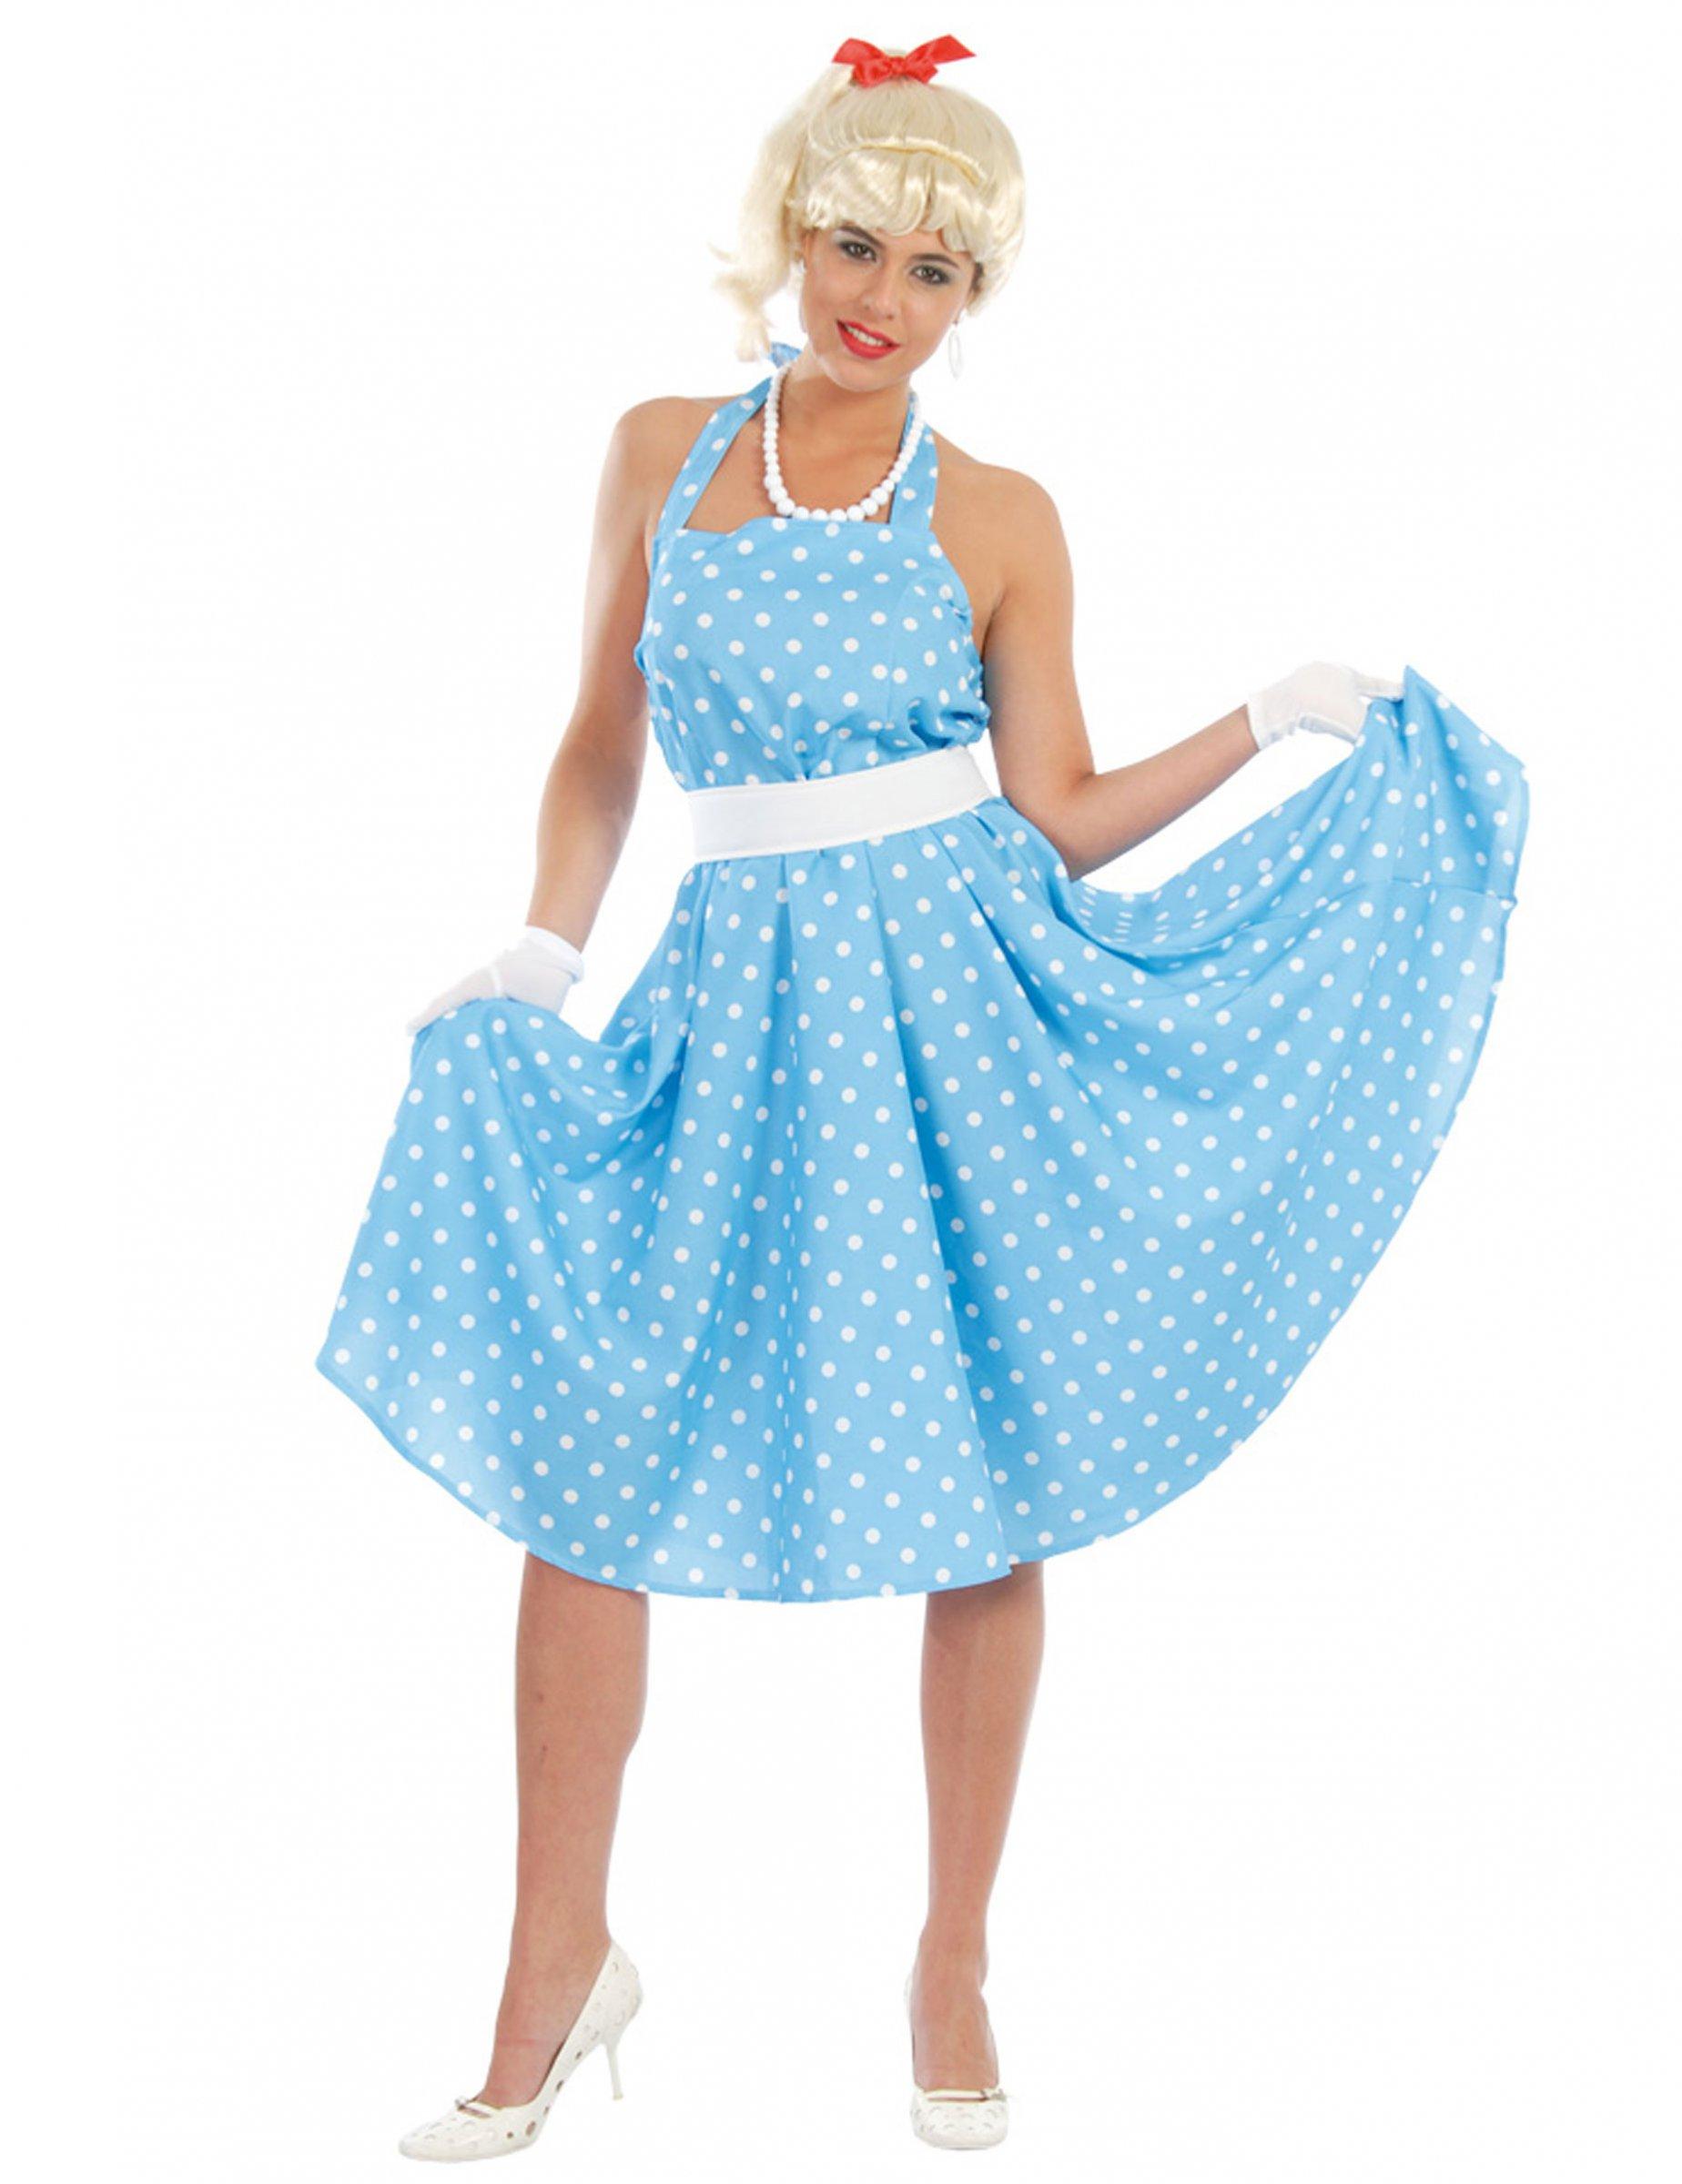 b66ad23ab8dc6 Costume anni 50 azzurro a pois per donna  Costumi adulti